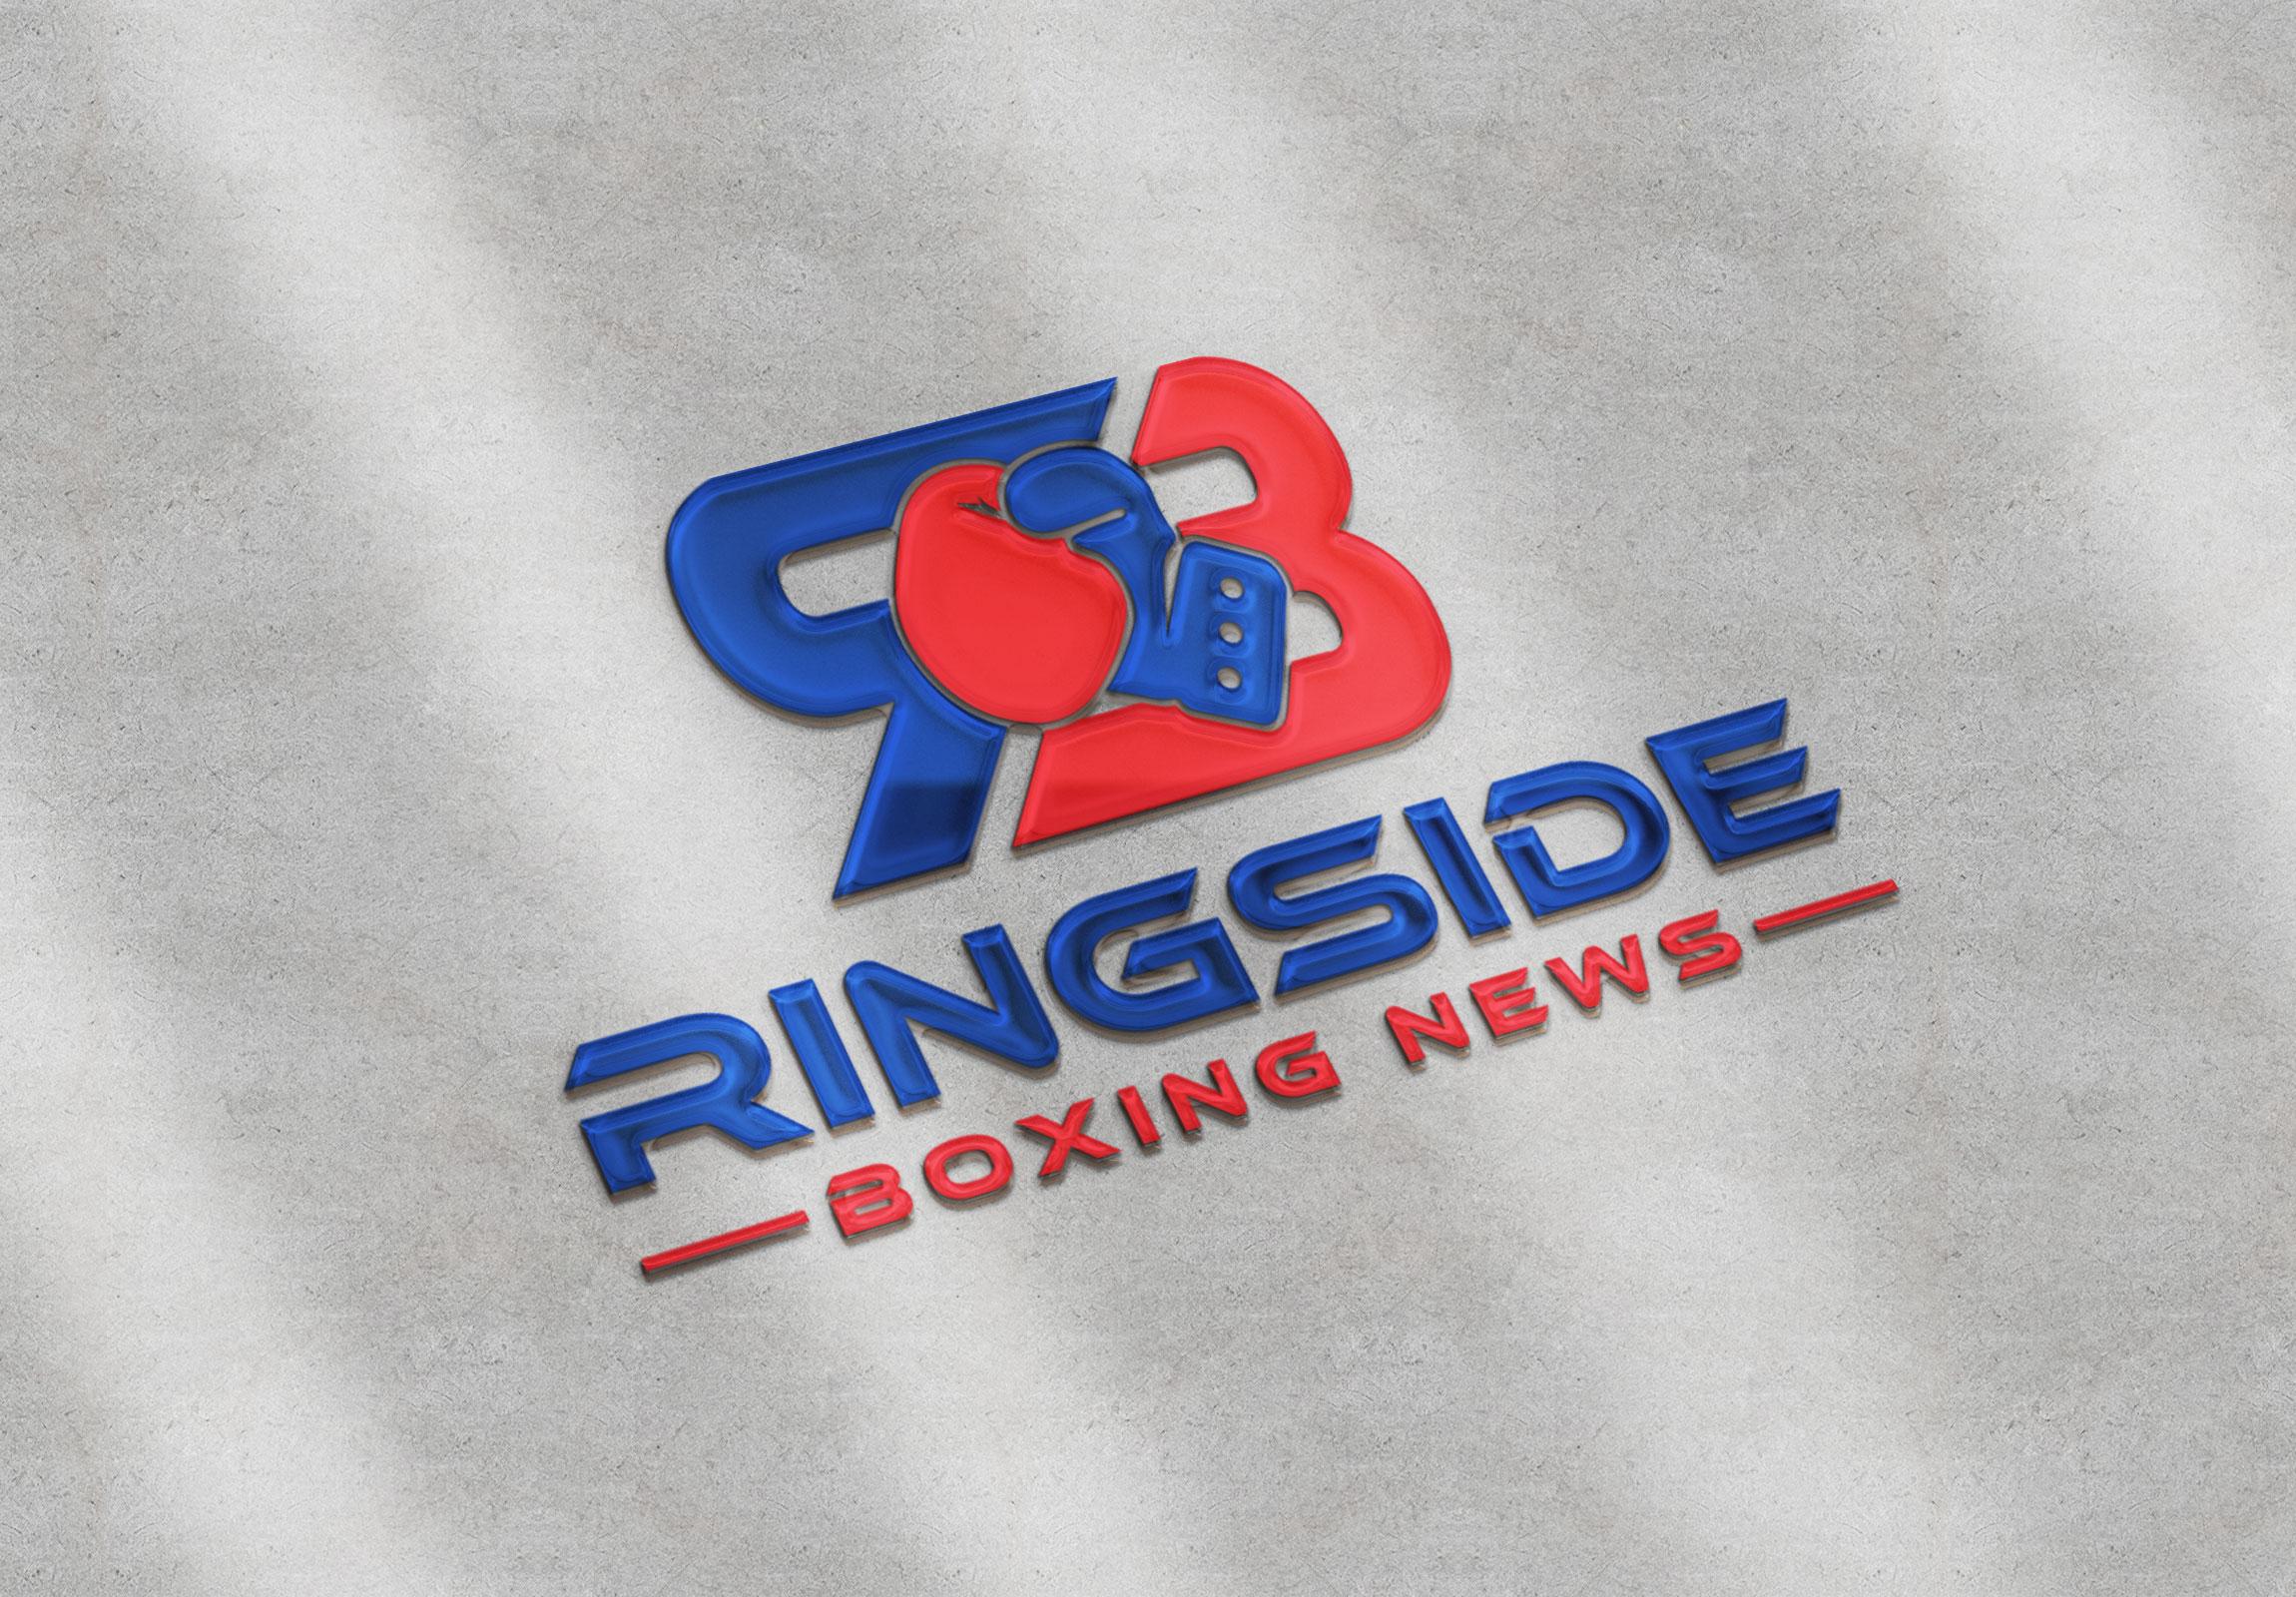 Ringside Boxing News |